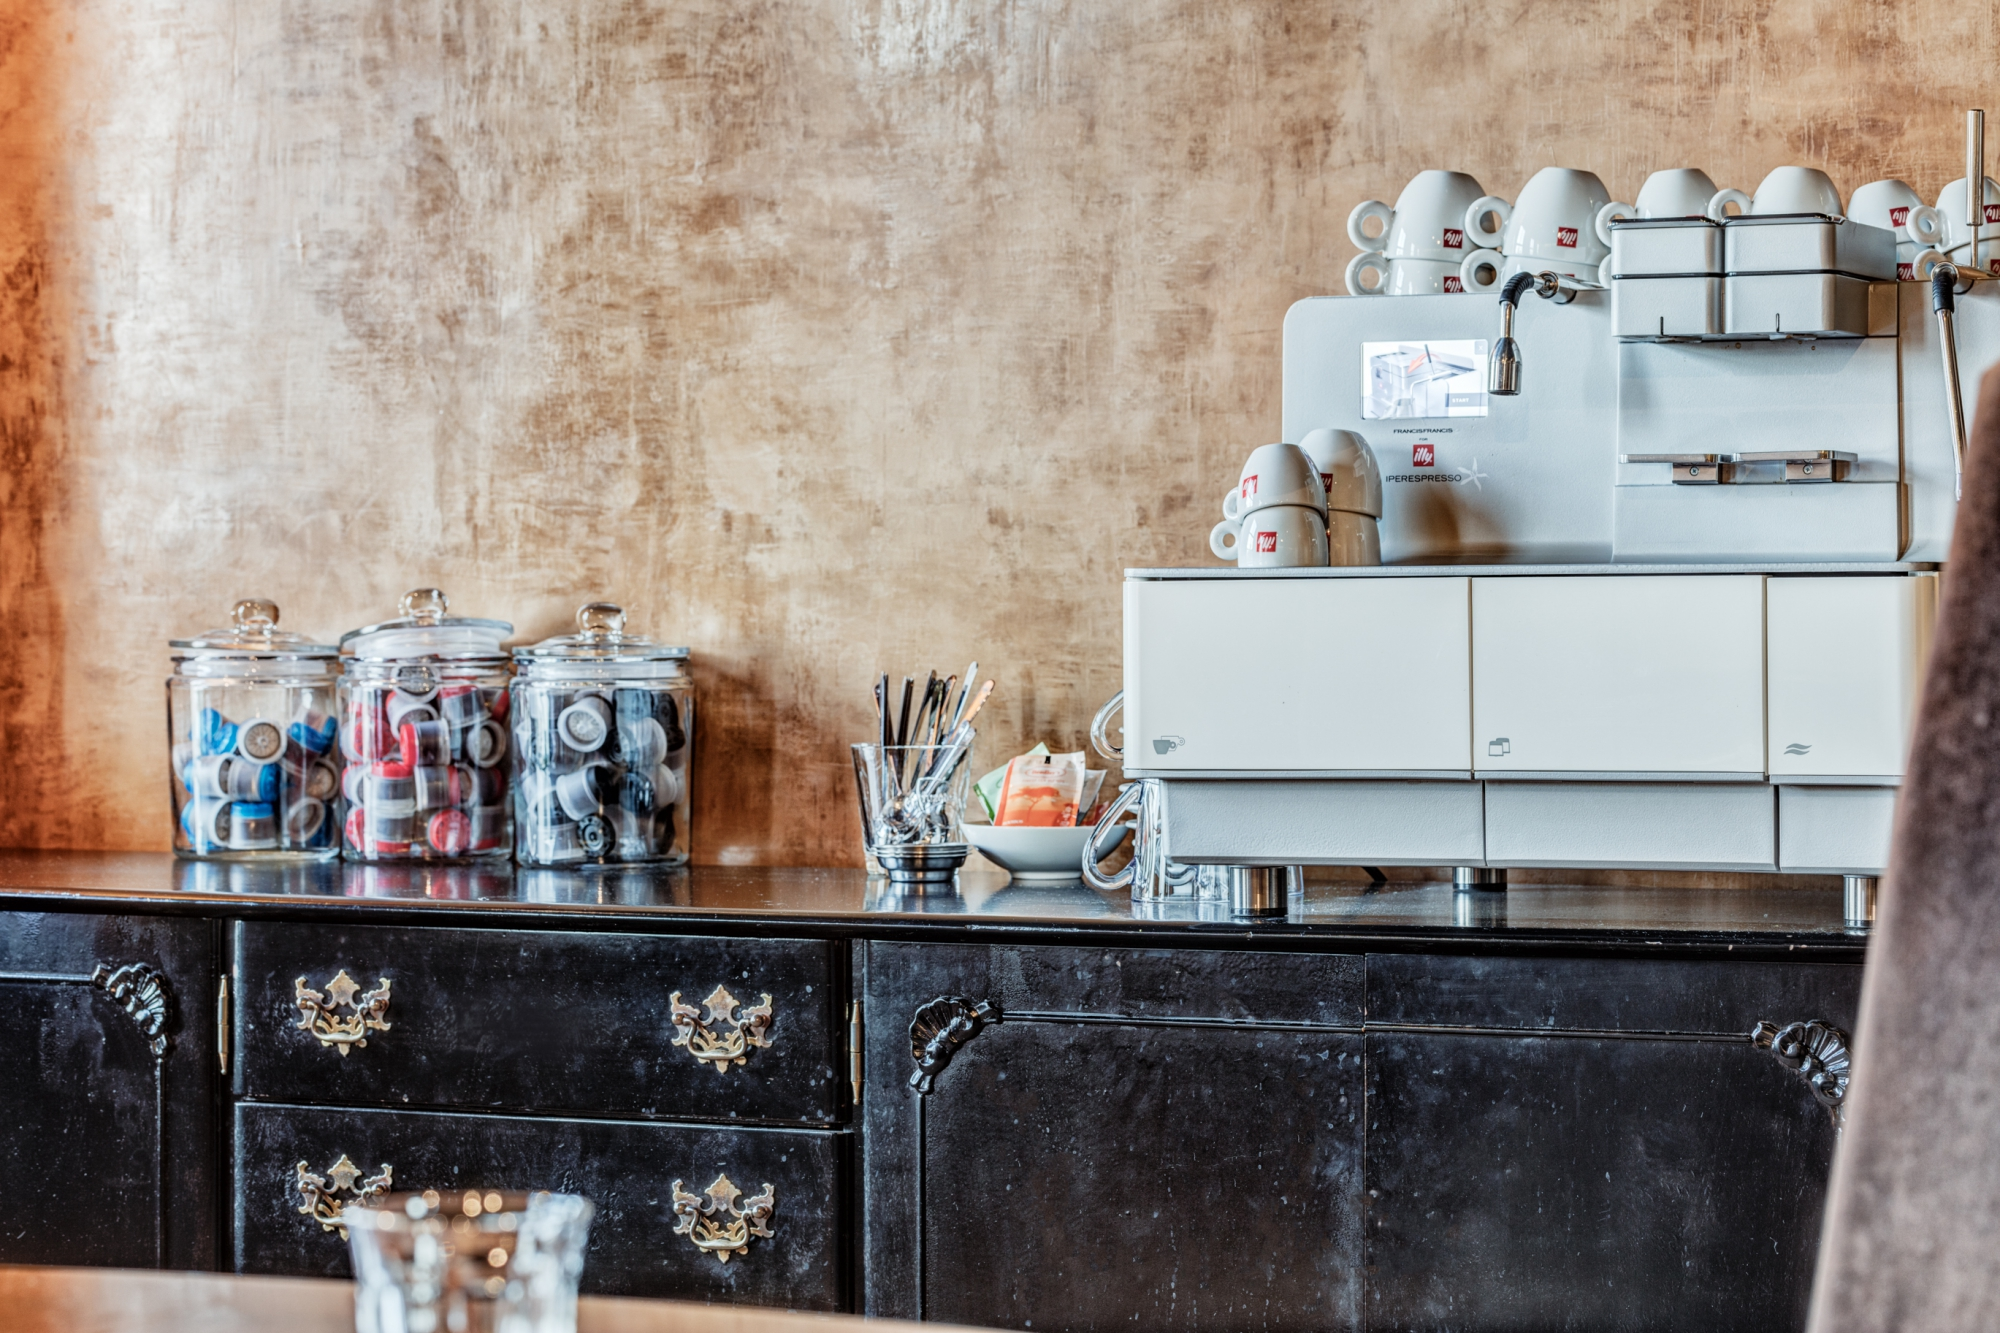 illy koffie machine